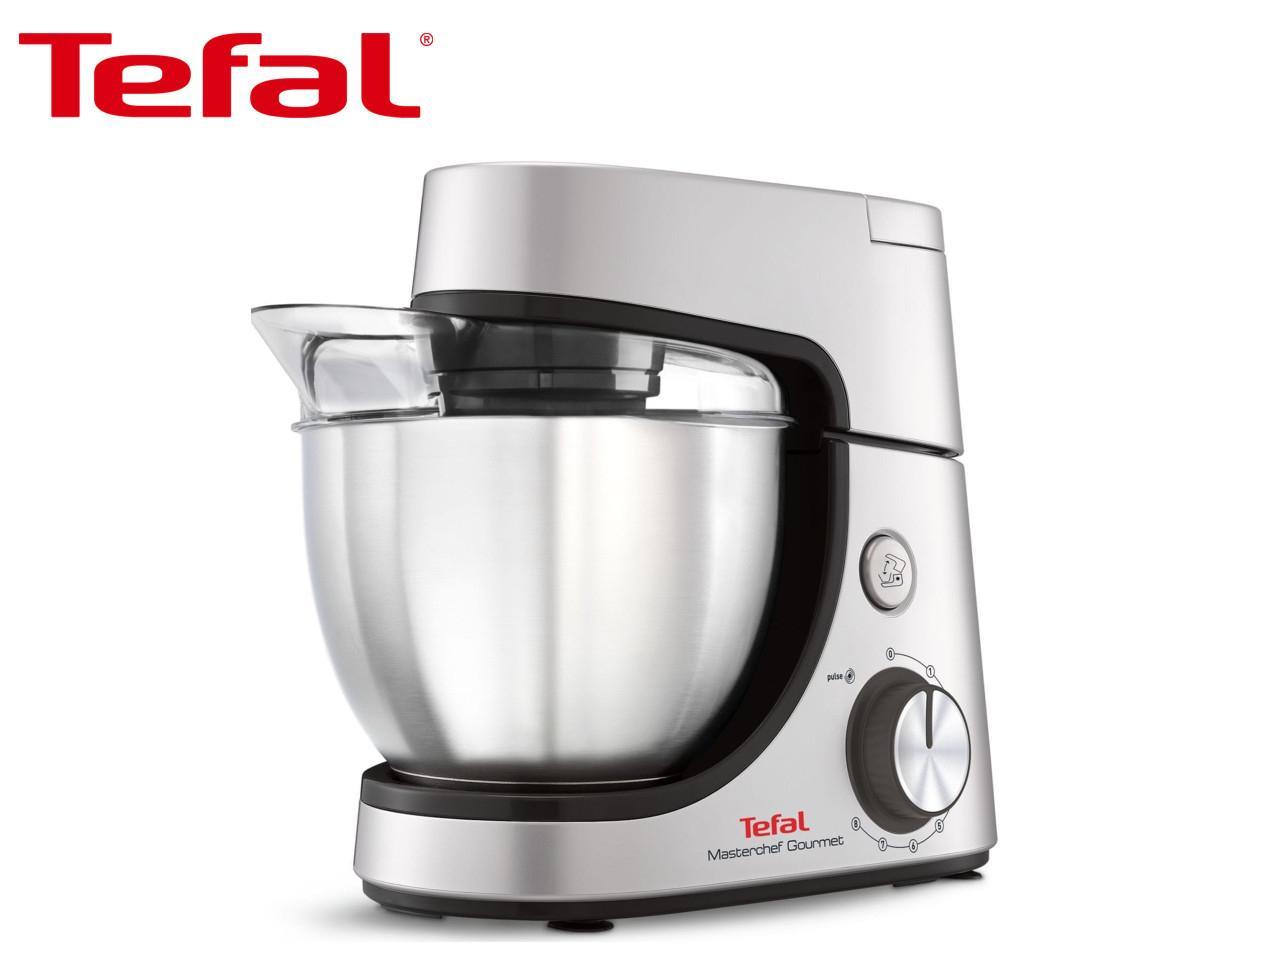 TEFAL QB515D38 Masterchef Gourmet + 300 Kč na dárky nebo další nákup | CHAT on-line podpora PO-PÁ 8-22.00!!